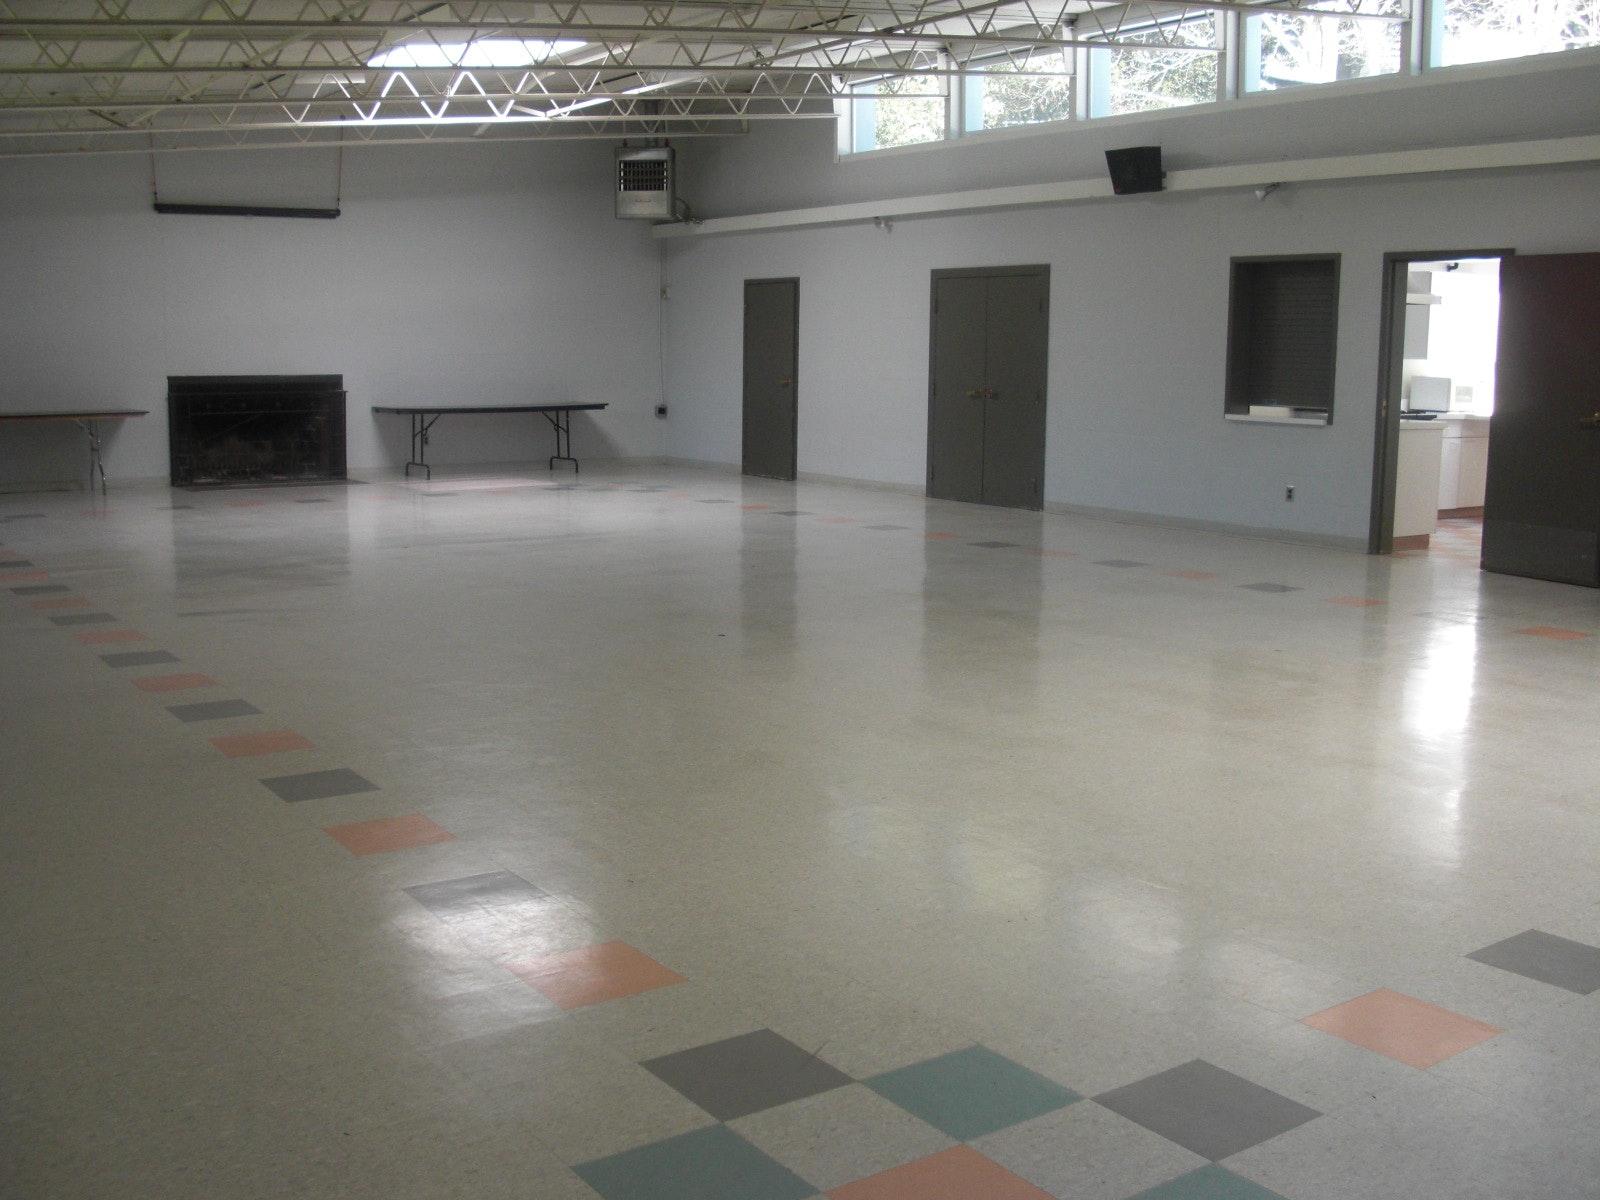 May contain: floor, flooring, and door